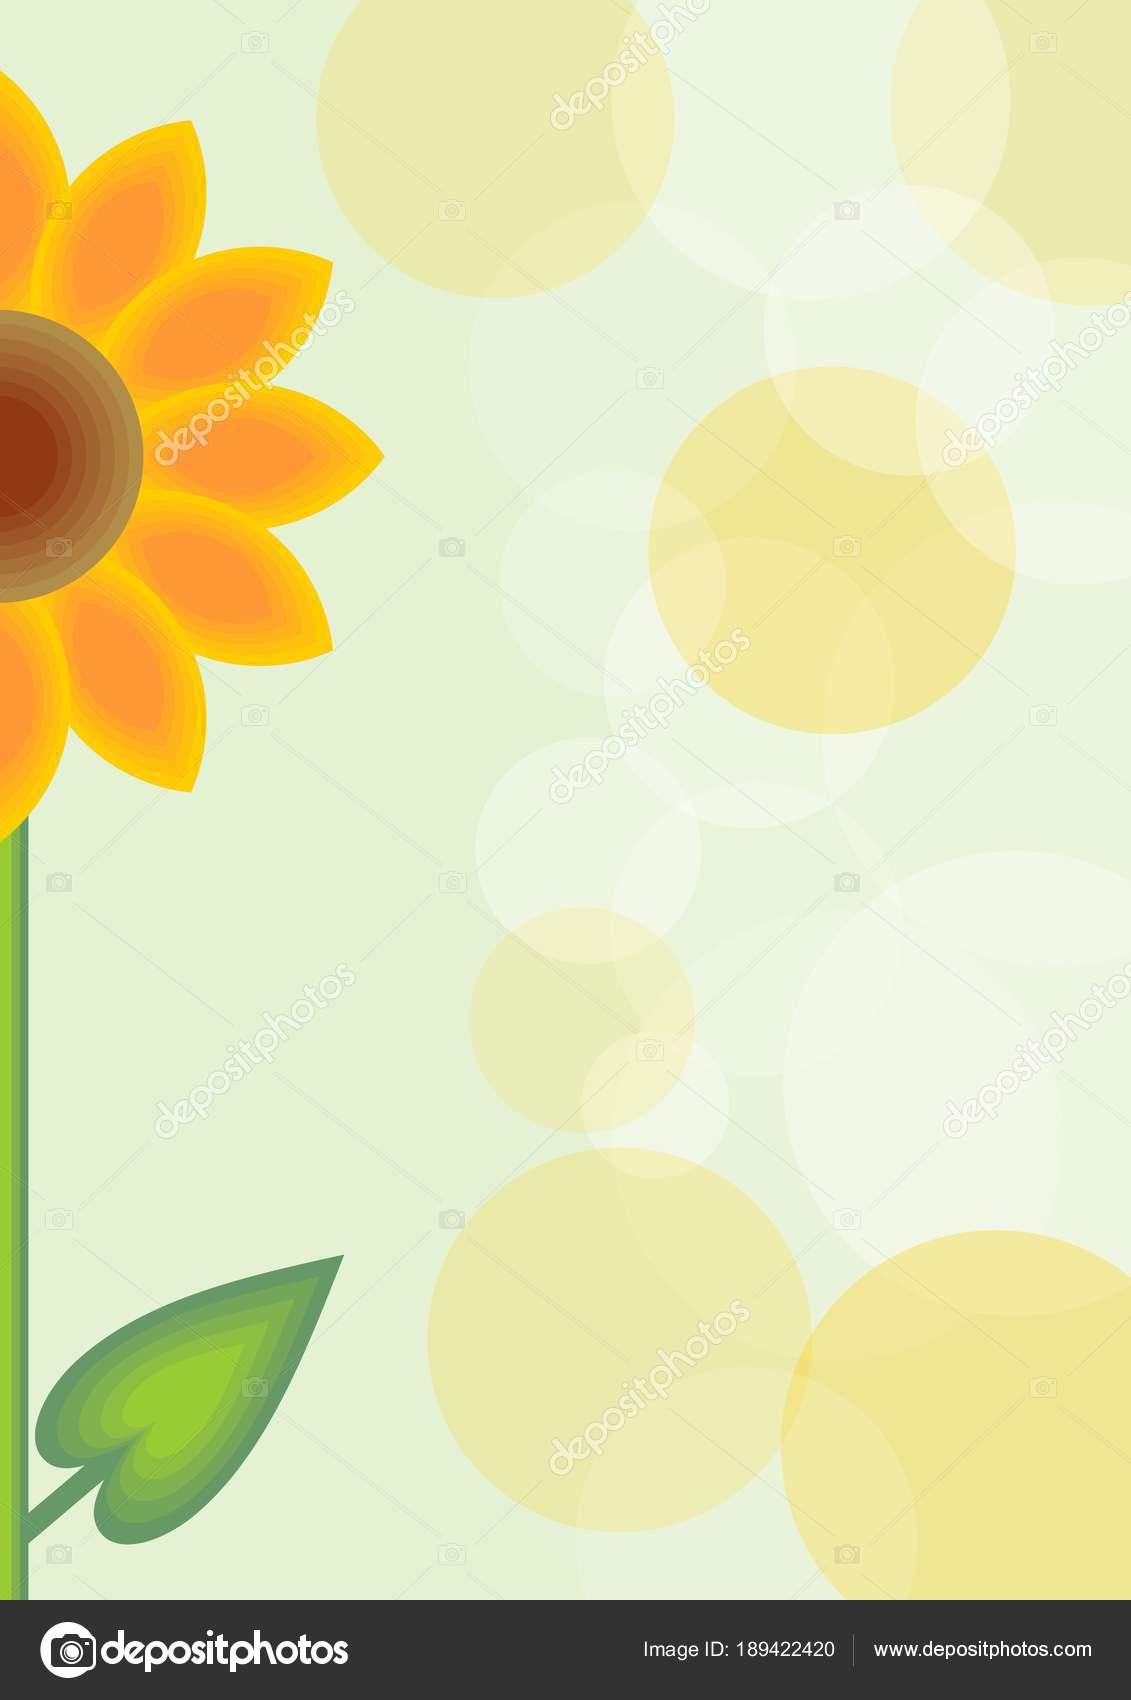 Fotografie Sfondi Primavera Naif Sfondo Carino Primavera Con Fiori